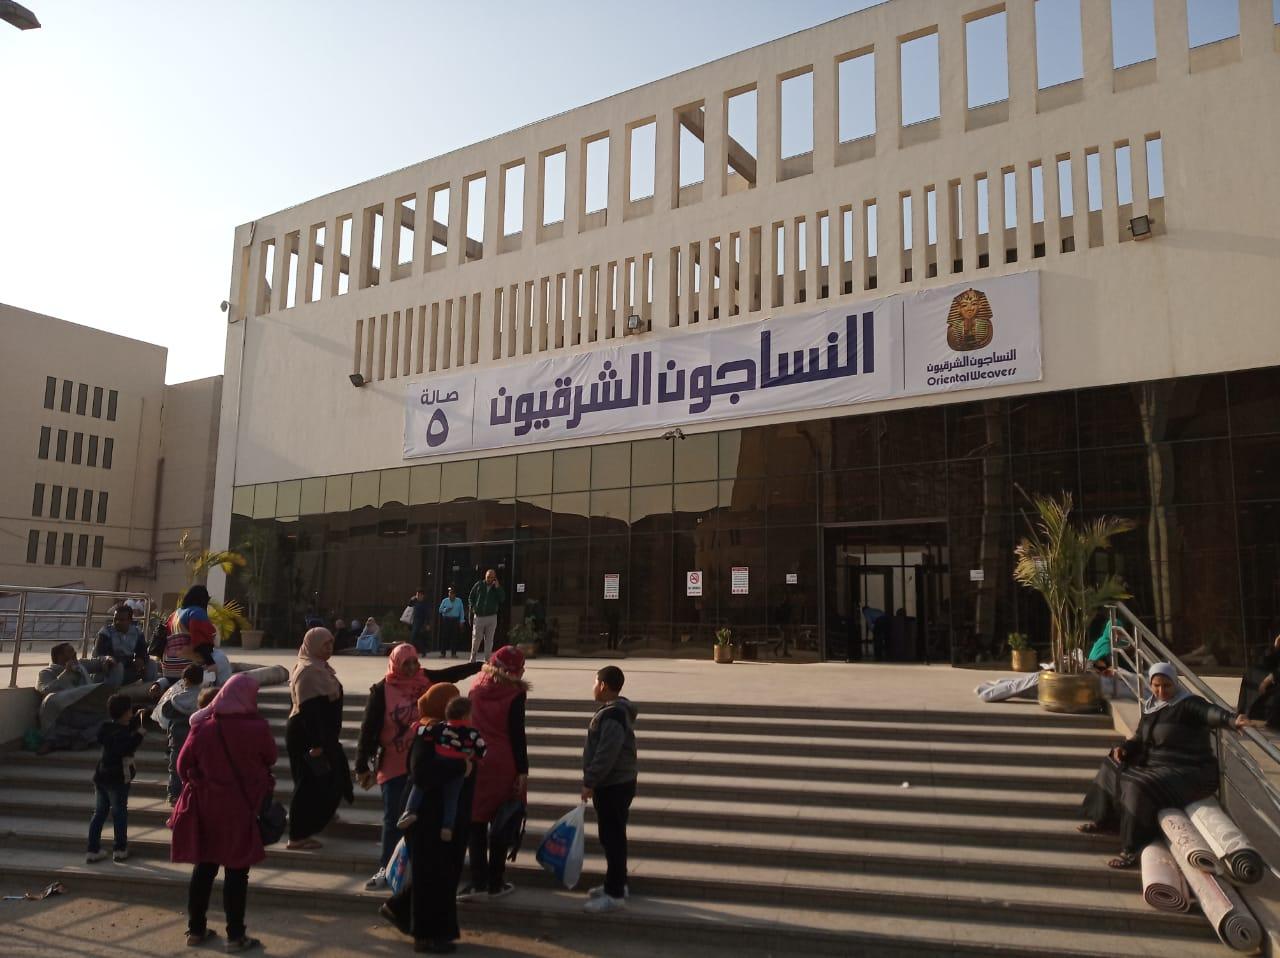 معرض القاهرة الدولى للسجاد من 20 مارس حتى 29 مارس 2019